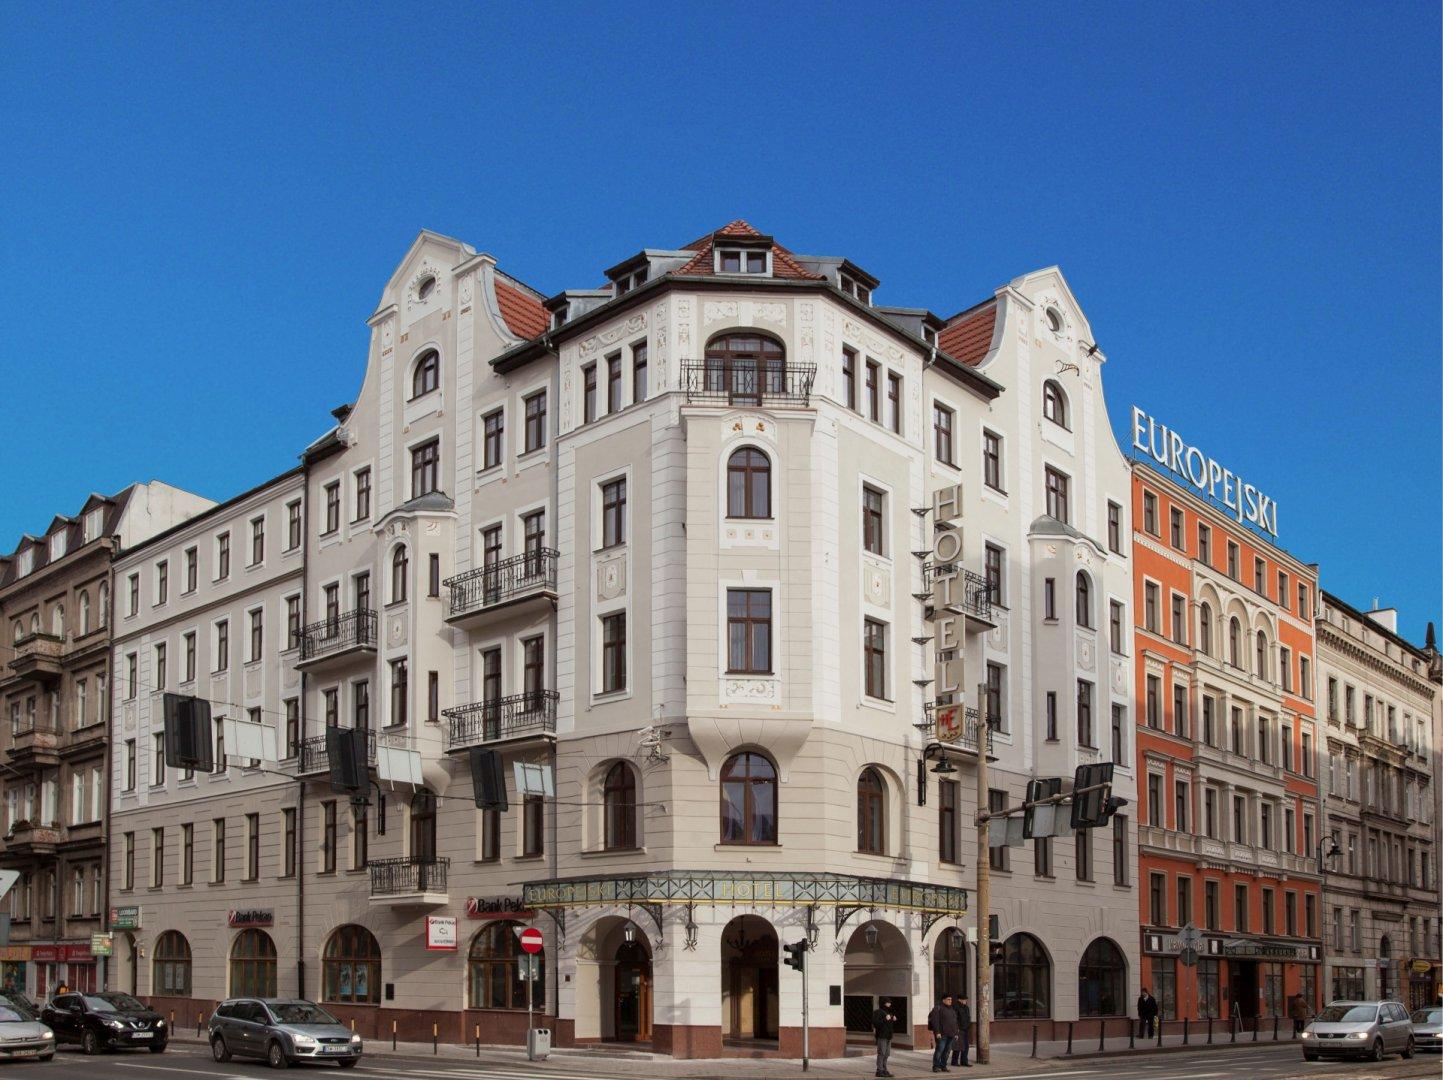 Europejski Wrocław Centrum Hotel